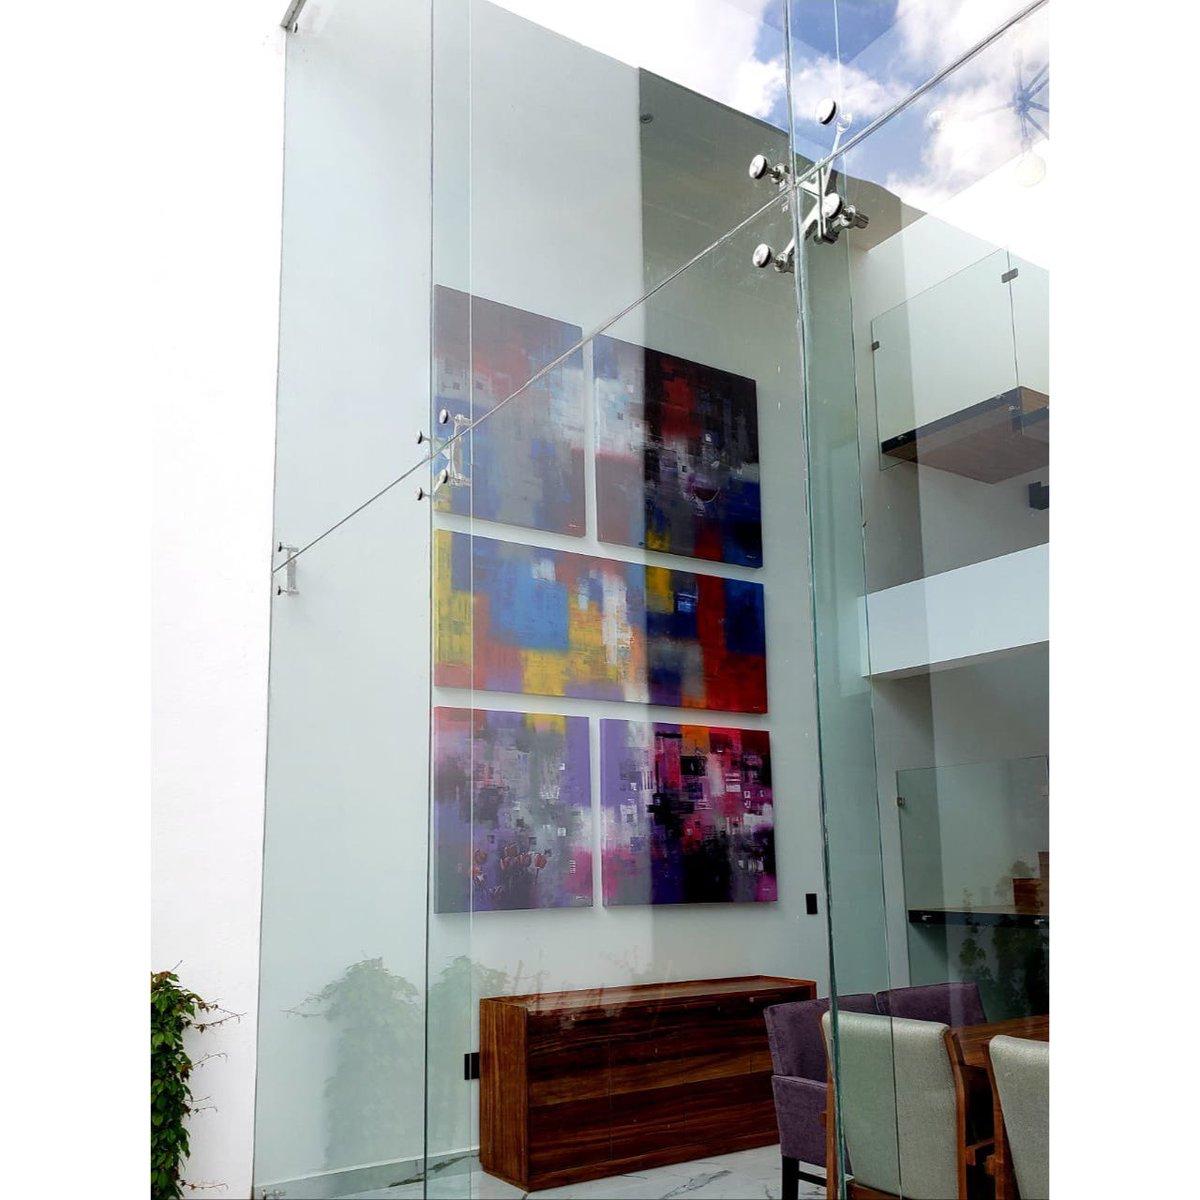 Montaje de hoy en casa MC en Pachuca, Hidalgo. / #pintura #arte #colores #casa #interiordesign #interiorismo #montaje #pedrotrueba #mexicano #pachuca #hidalgo #casa #casa #diseño #diseñodeinteriores